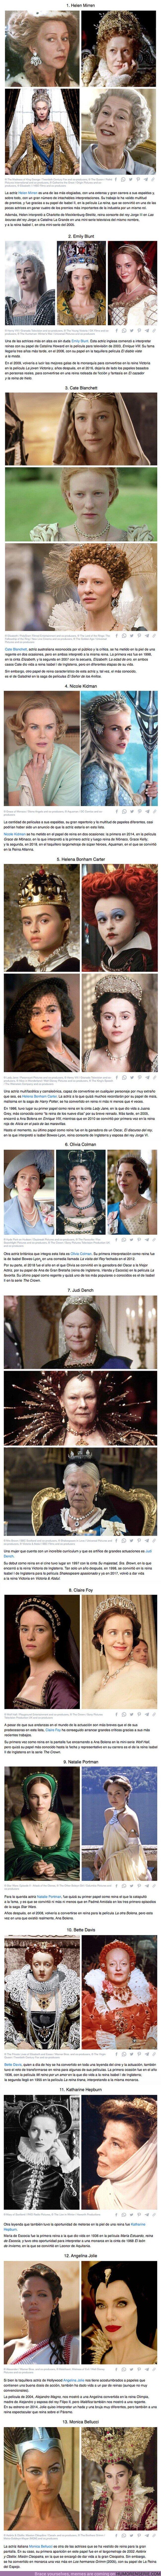 82004 - 13 Grandes actrices que se convirtieron en reinas para la pantalla más de una vez